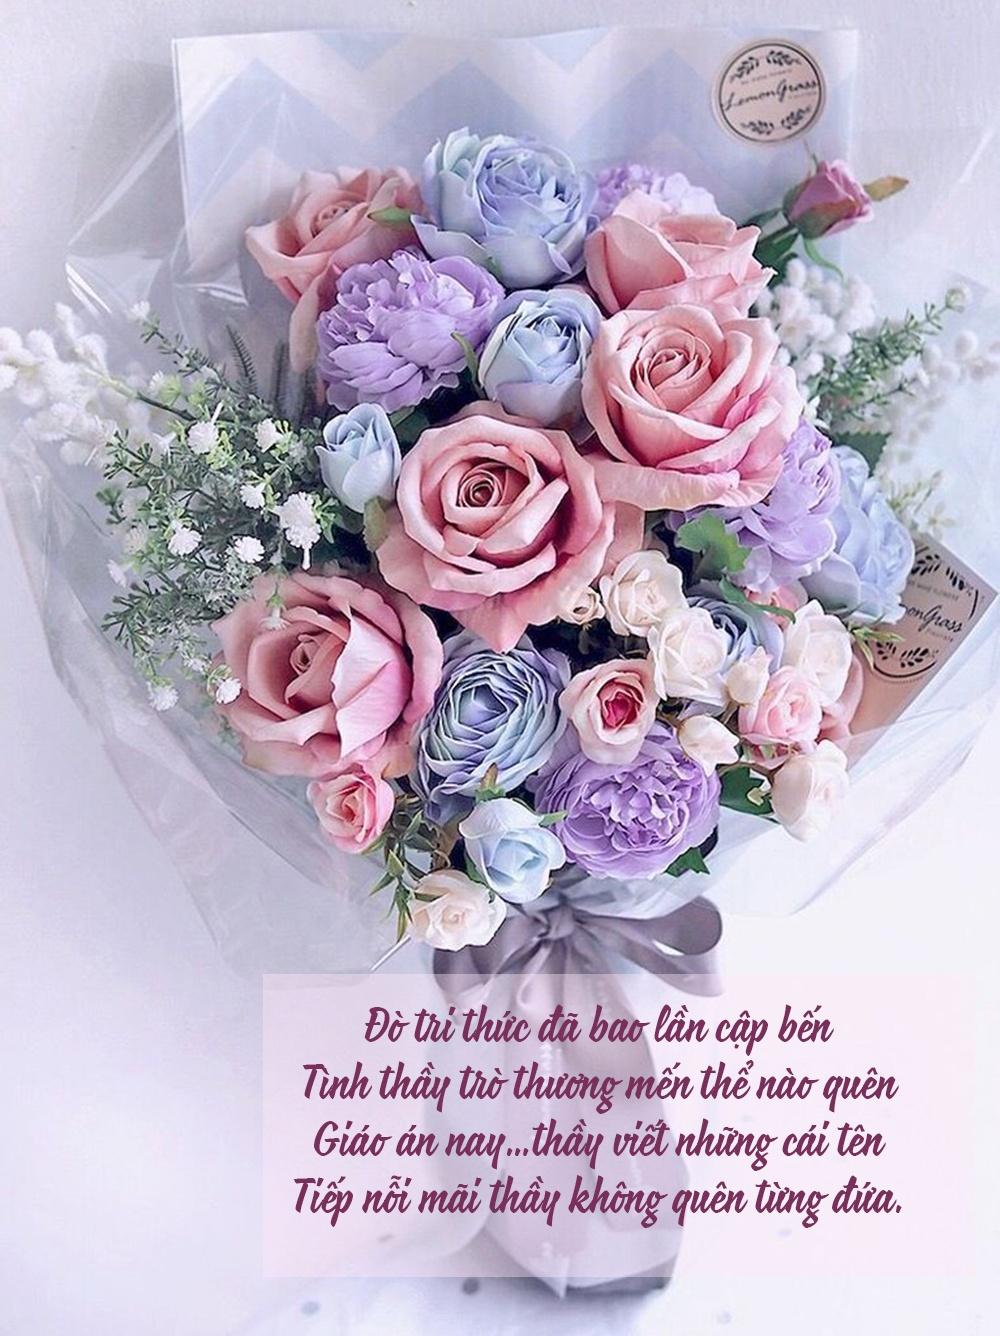 Bài thơ 20/11 về thầy cô, thích hợp viết báo tường chào mừng ngày Nhà giáo Việt Nam